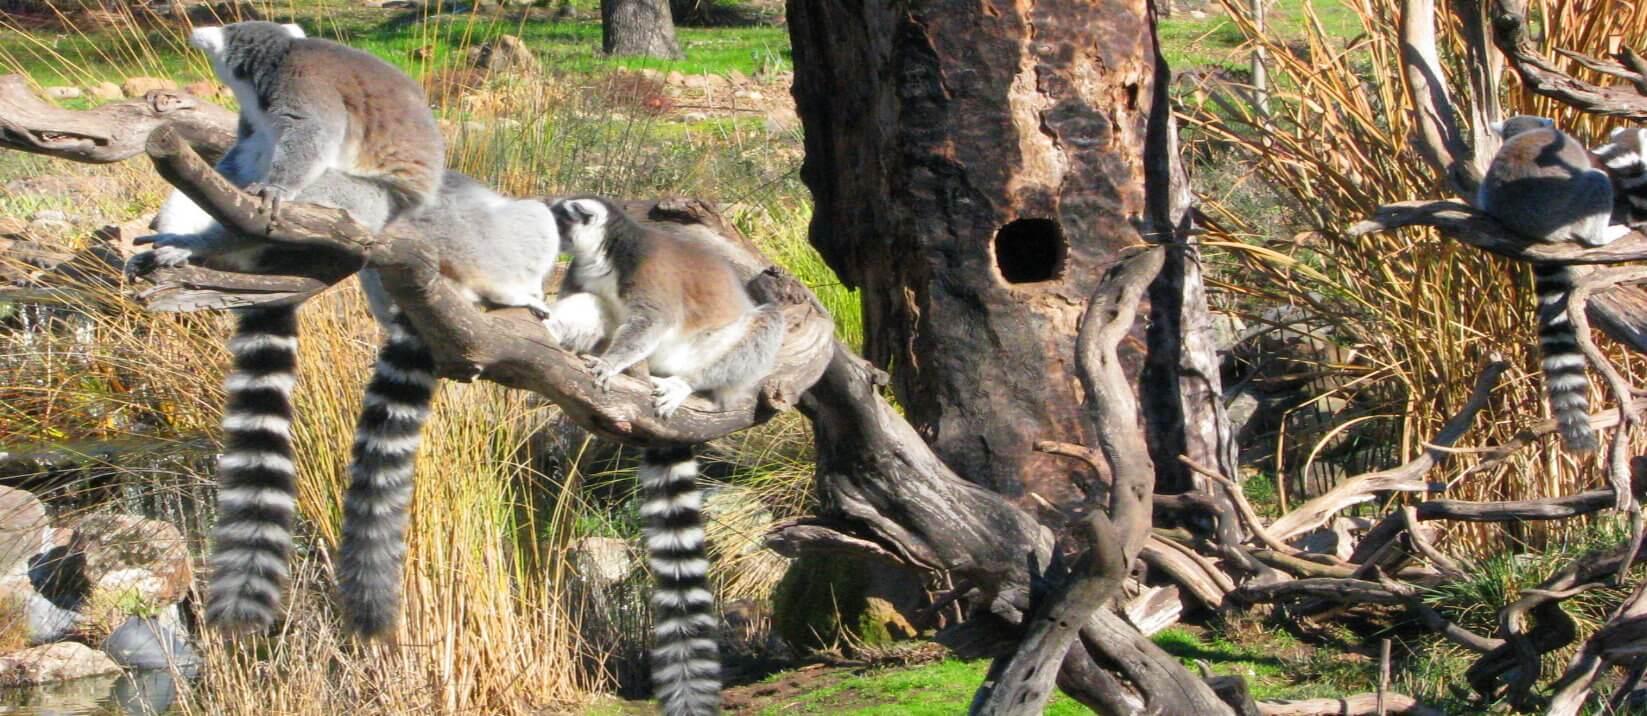 safari_wild_animal_park_tour_and_redwoods